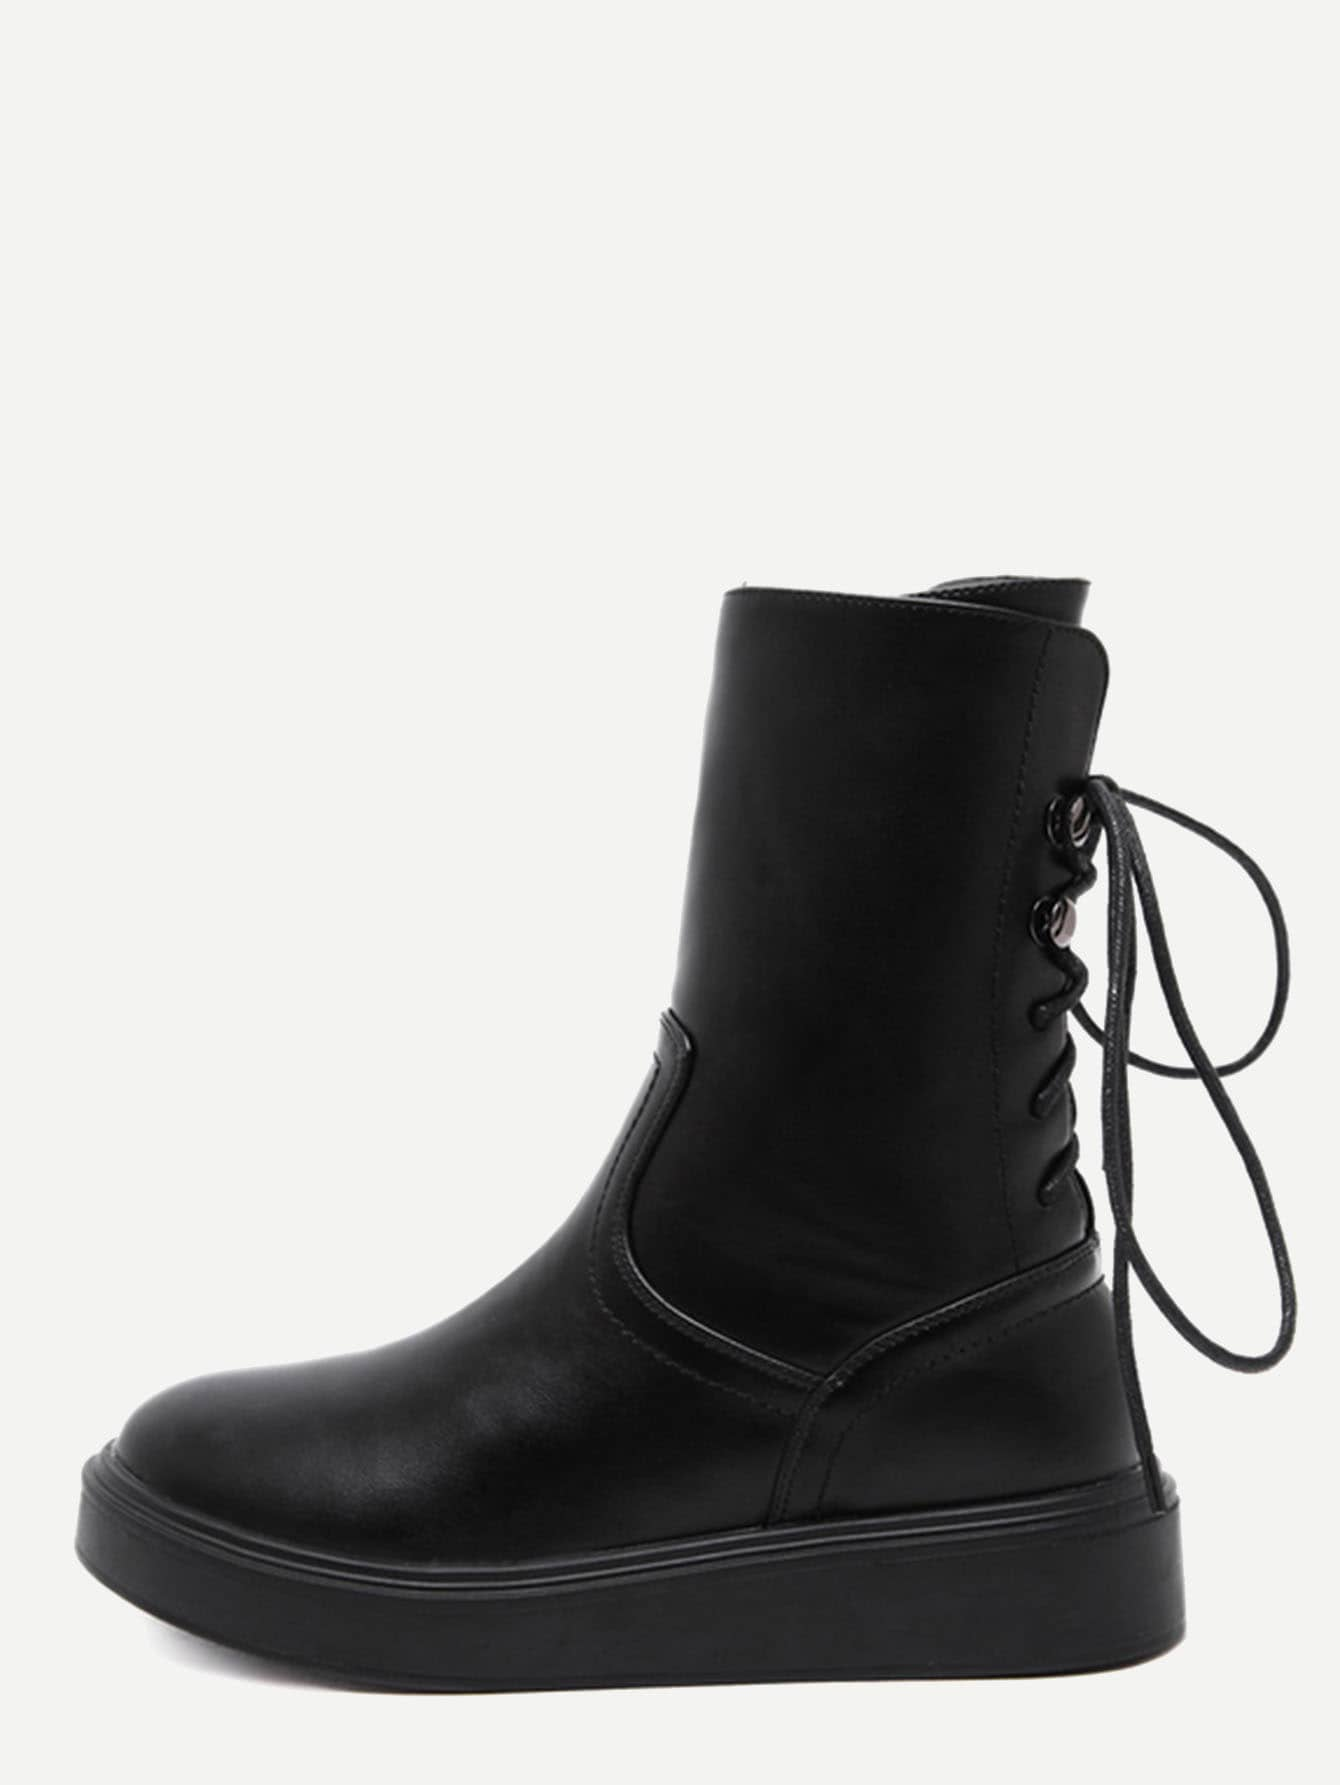 Фото Black Faux Leather Tie Back Side Zipper Short Boots. Купить с доставкой